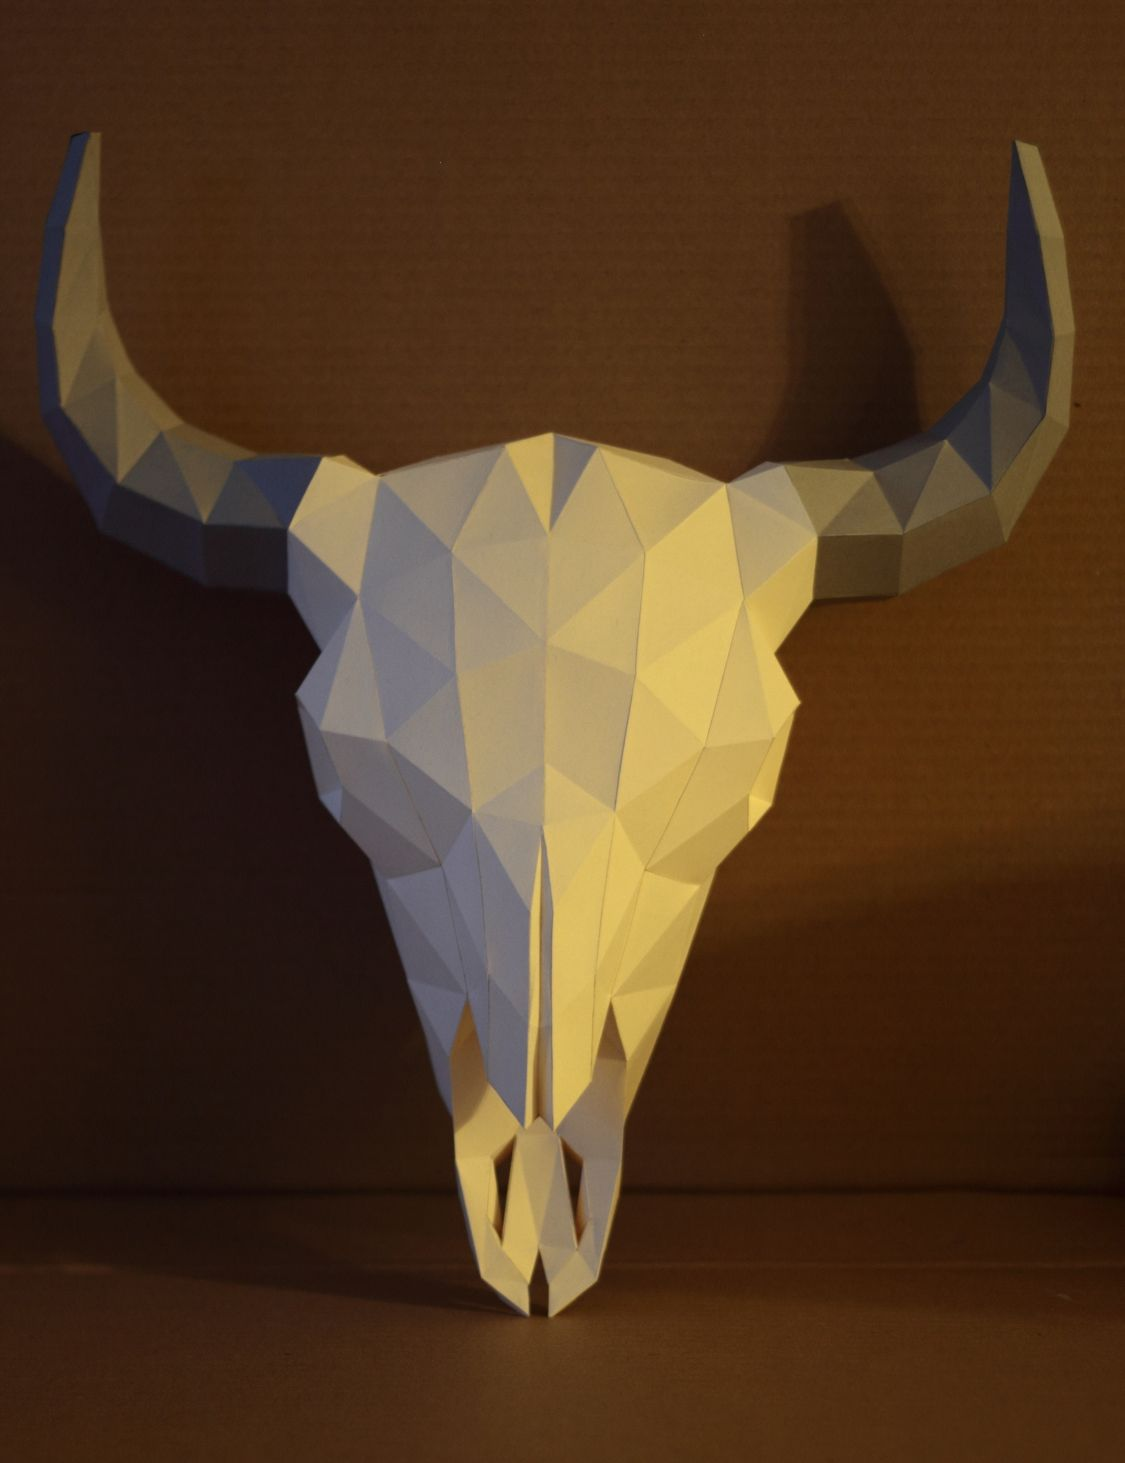 Bison Skull Papercraft V2 By Gedelgodeviantart On DeviantArt